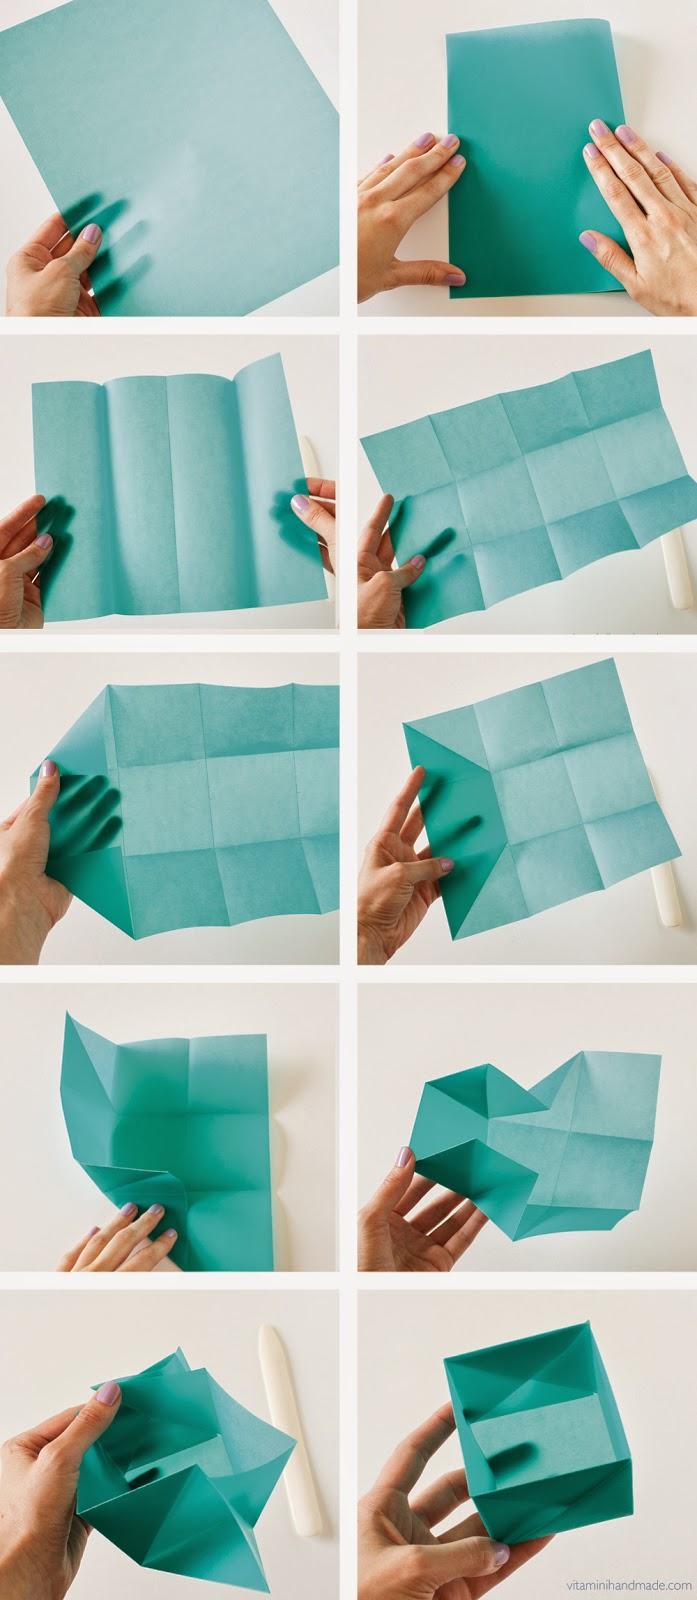 折り方 a4 紙 箱 折り方 : ... 使ったボックスの折り方です